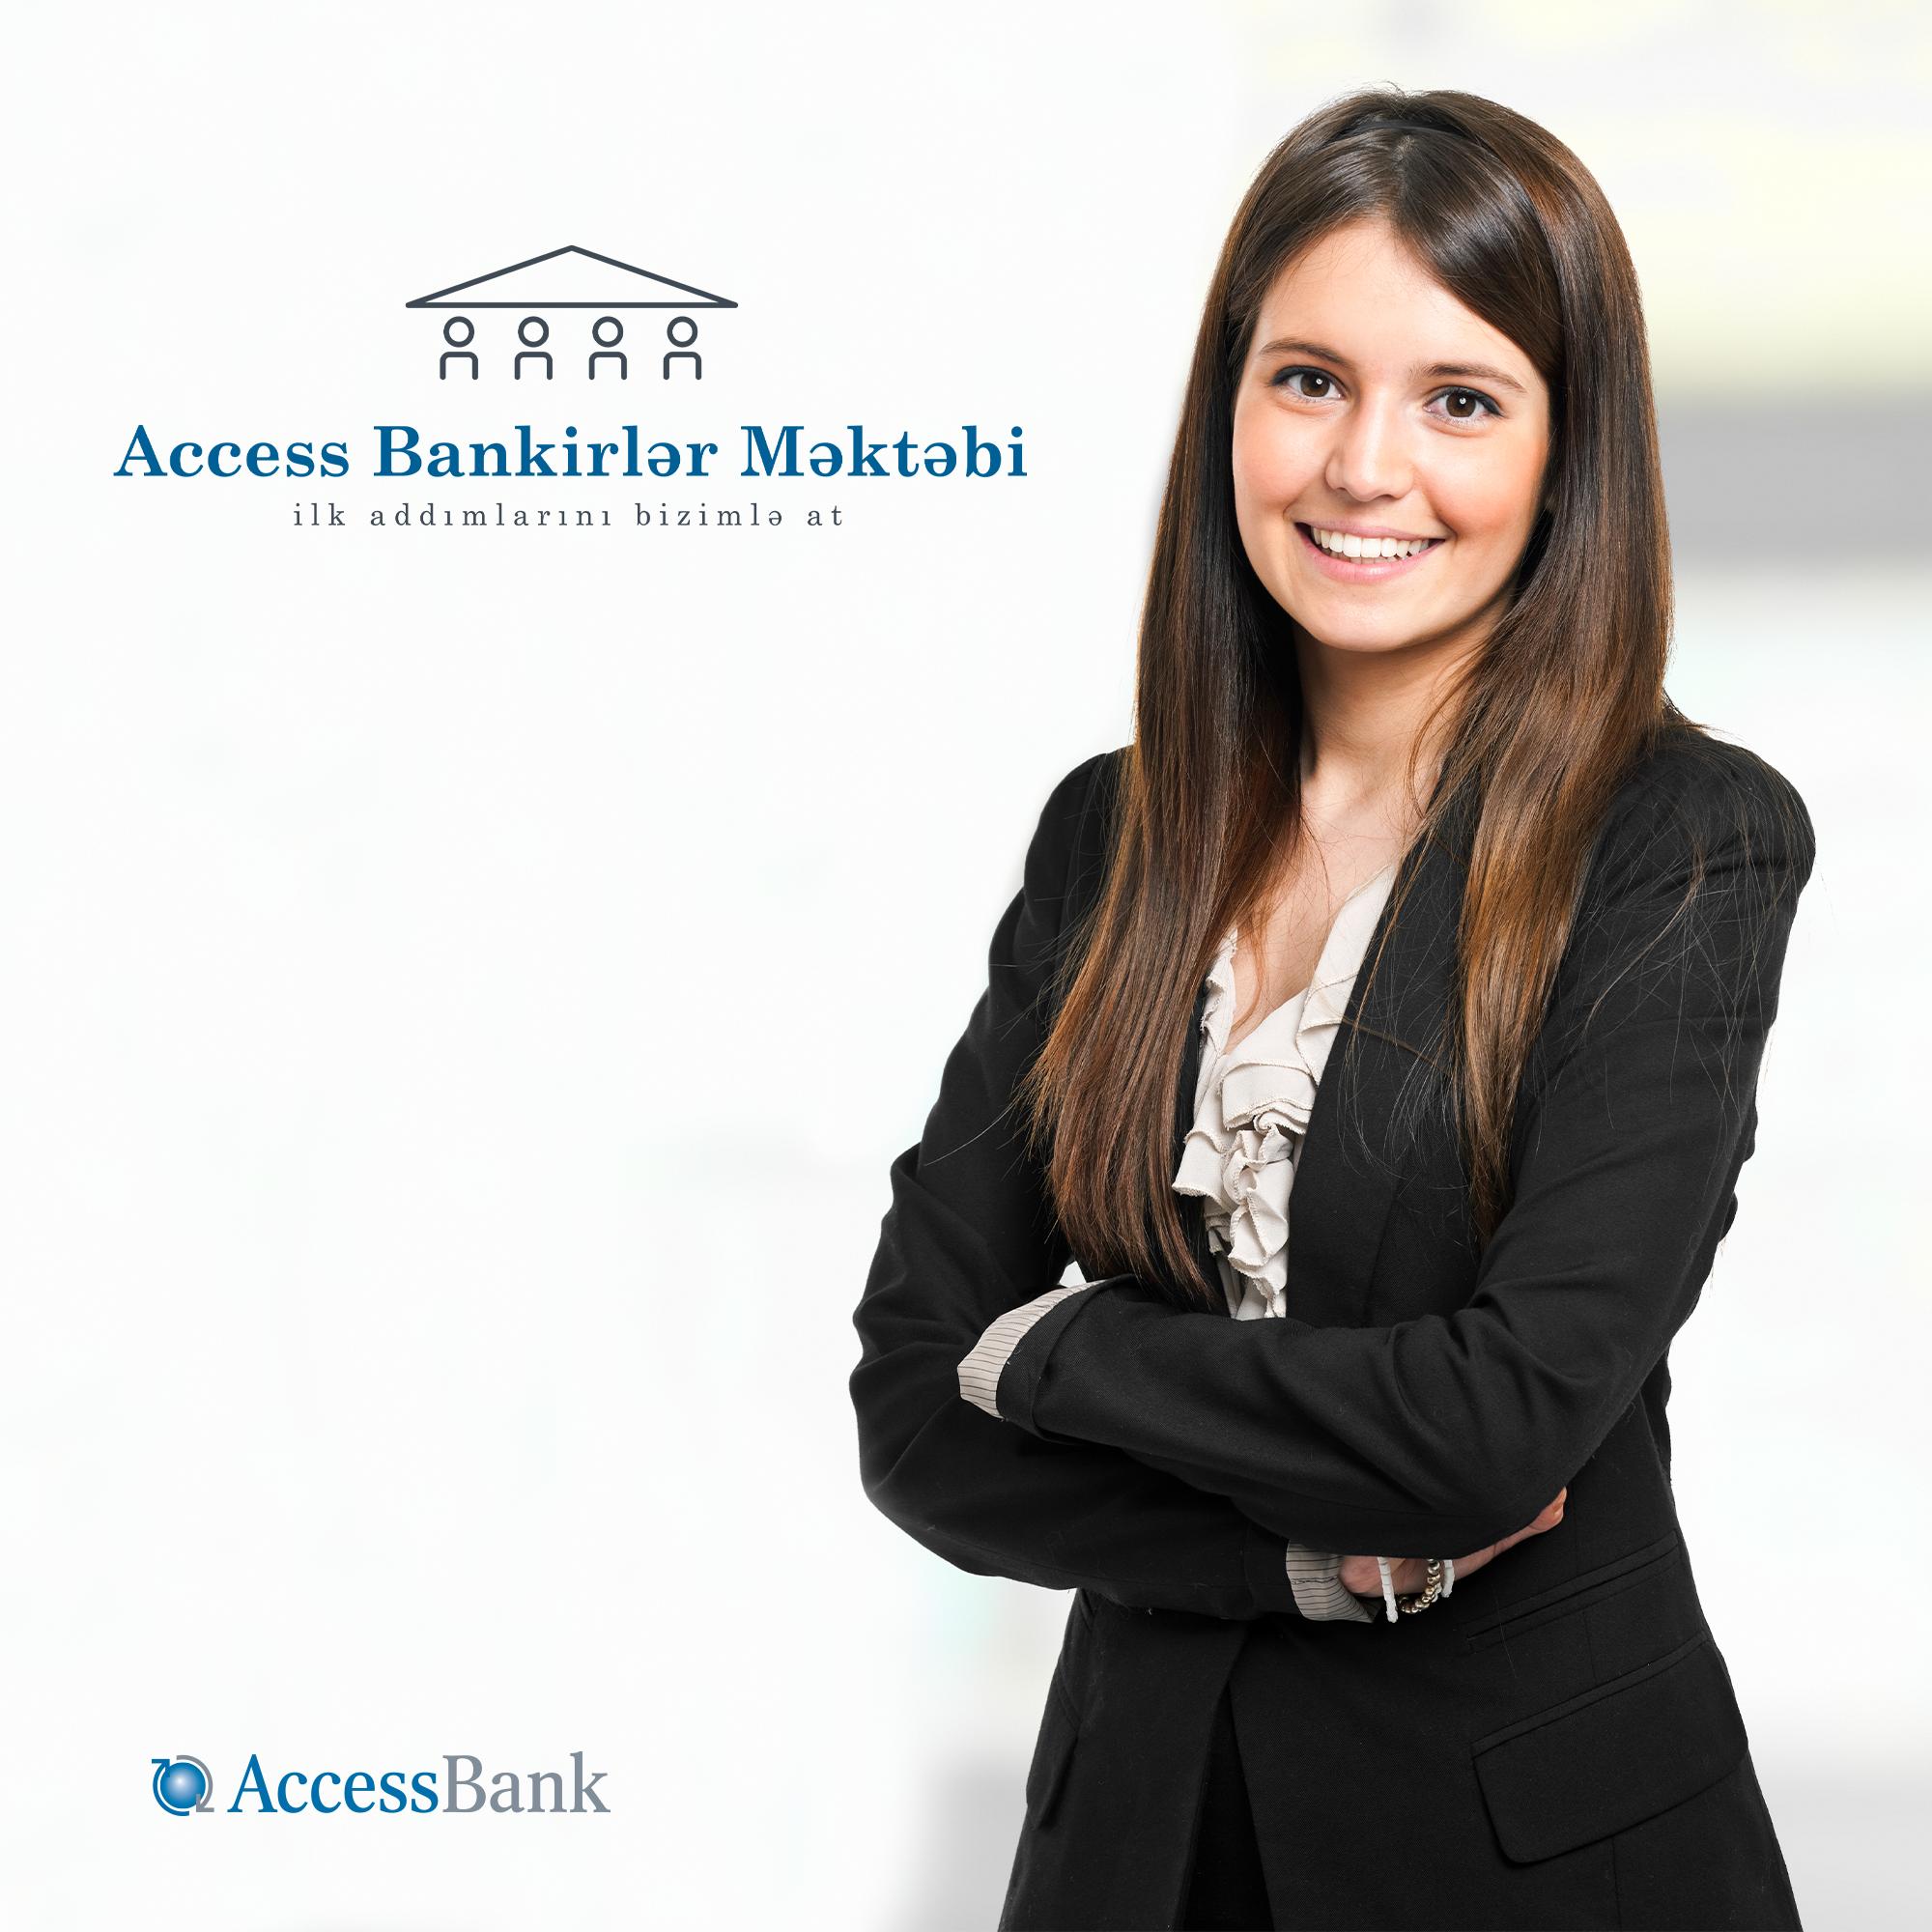 Не упусти шанс построить карьеру в AccessBank-e!!